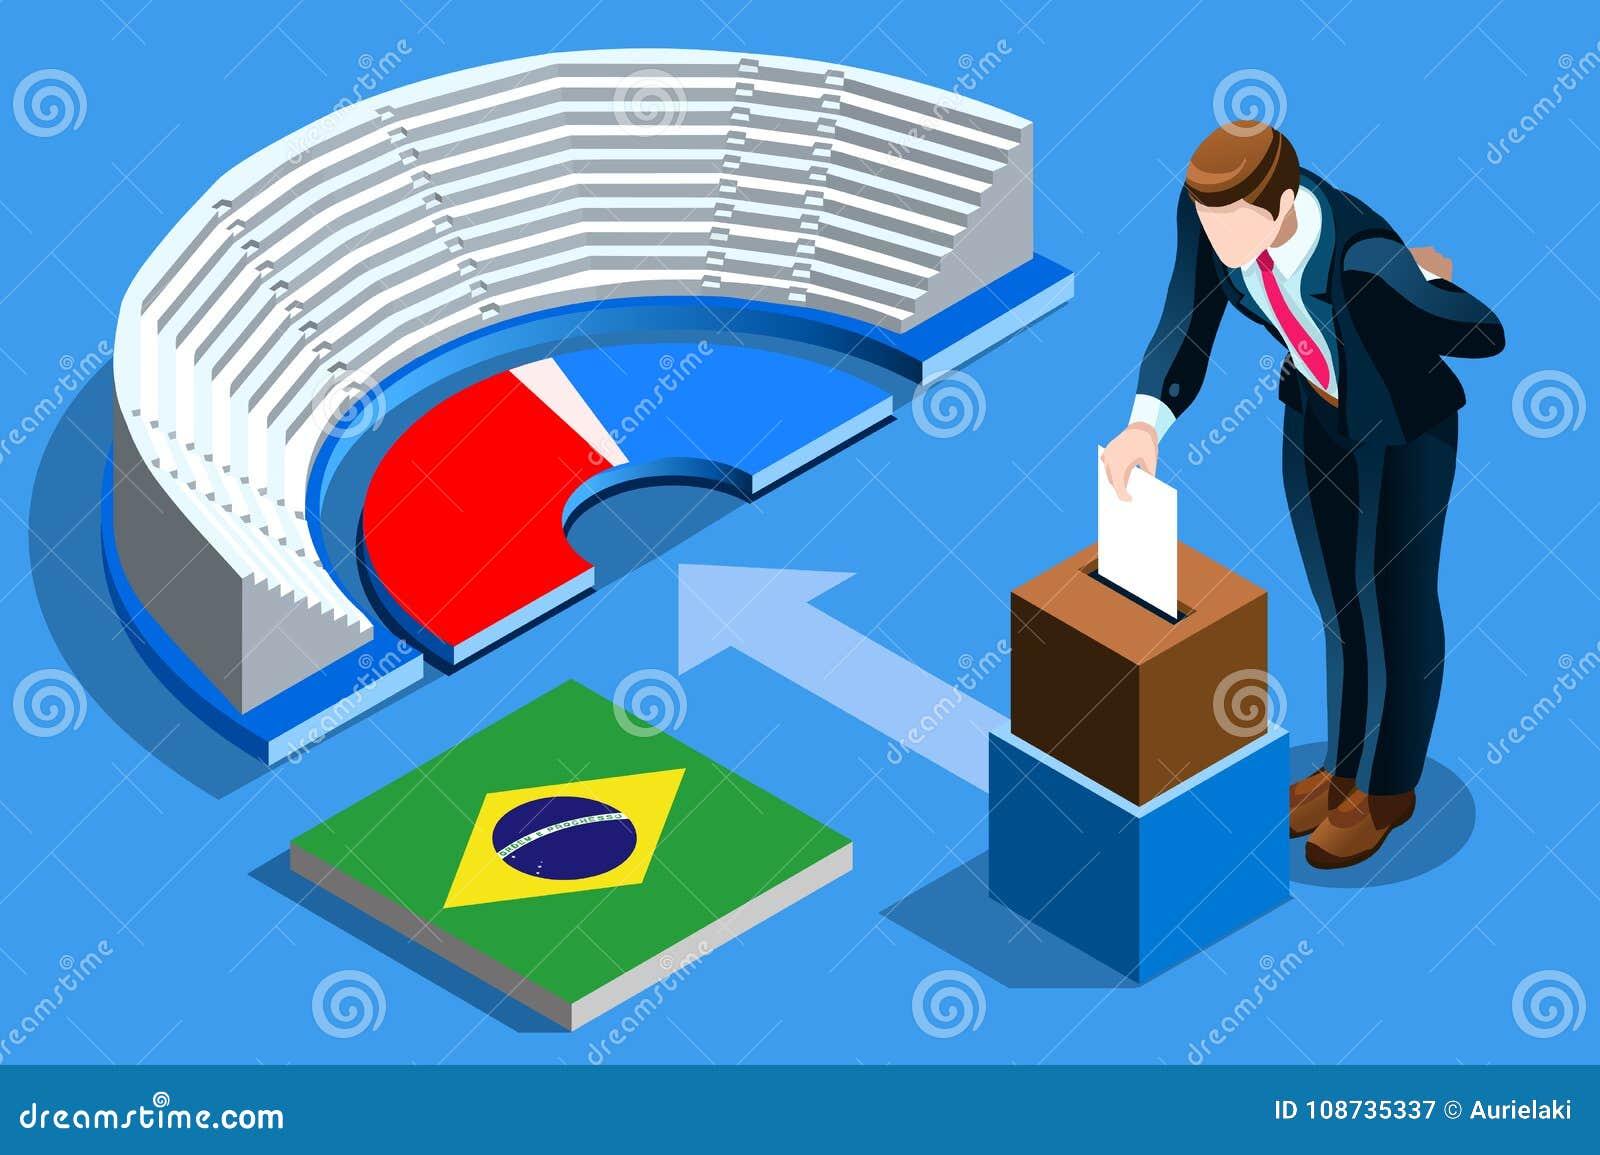 Brasilien-Wahl-brasilianische Abstimmung Infographic